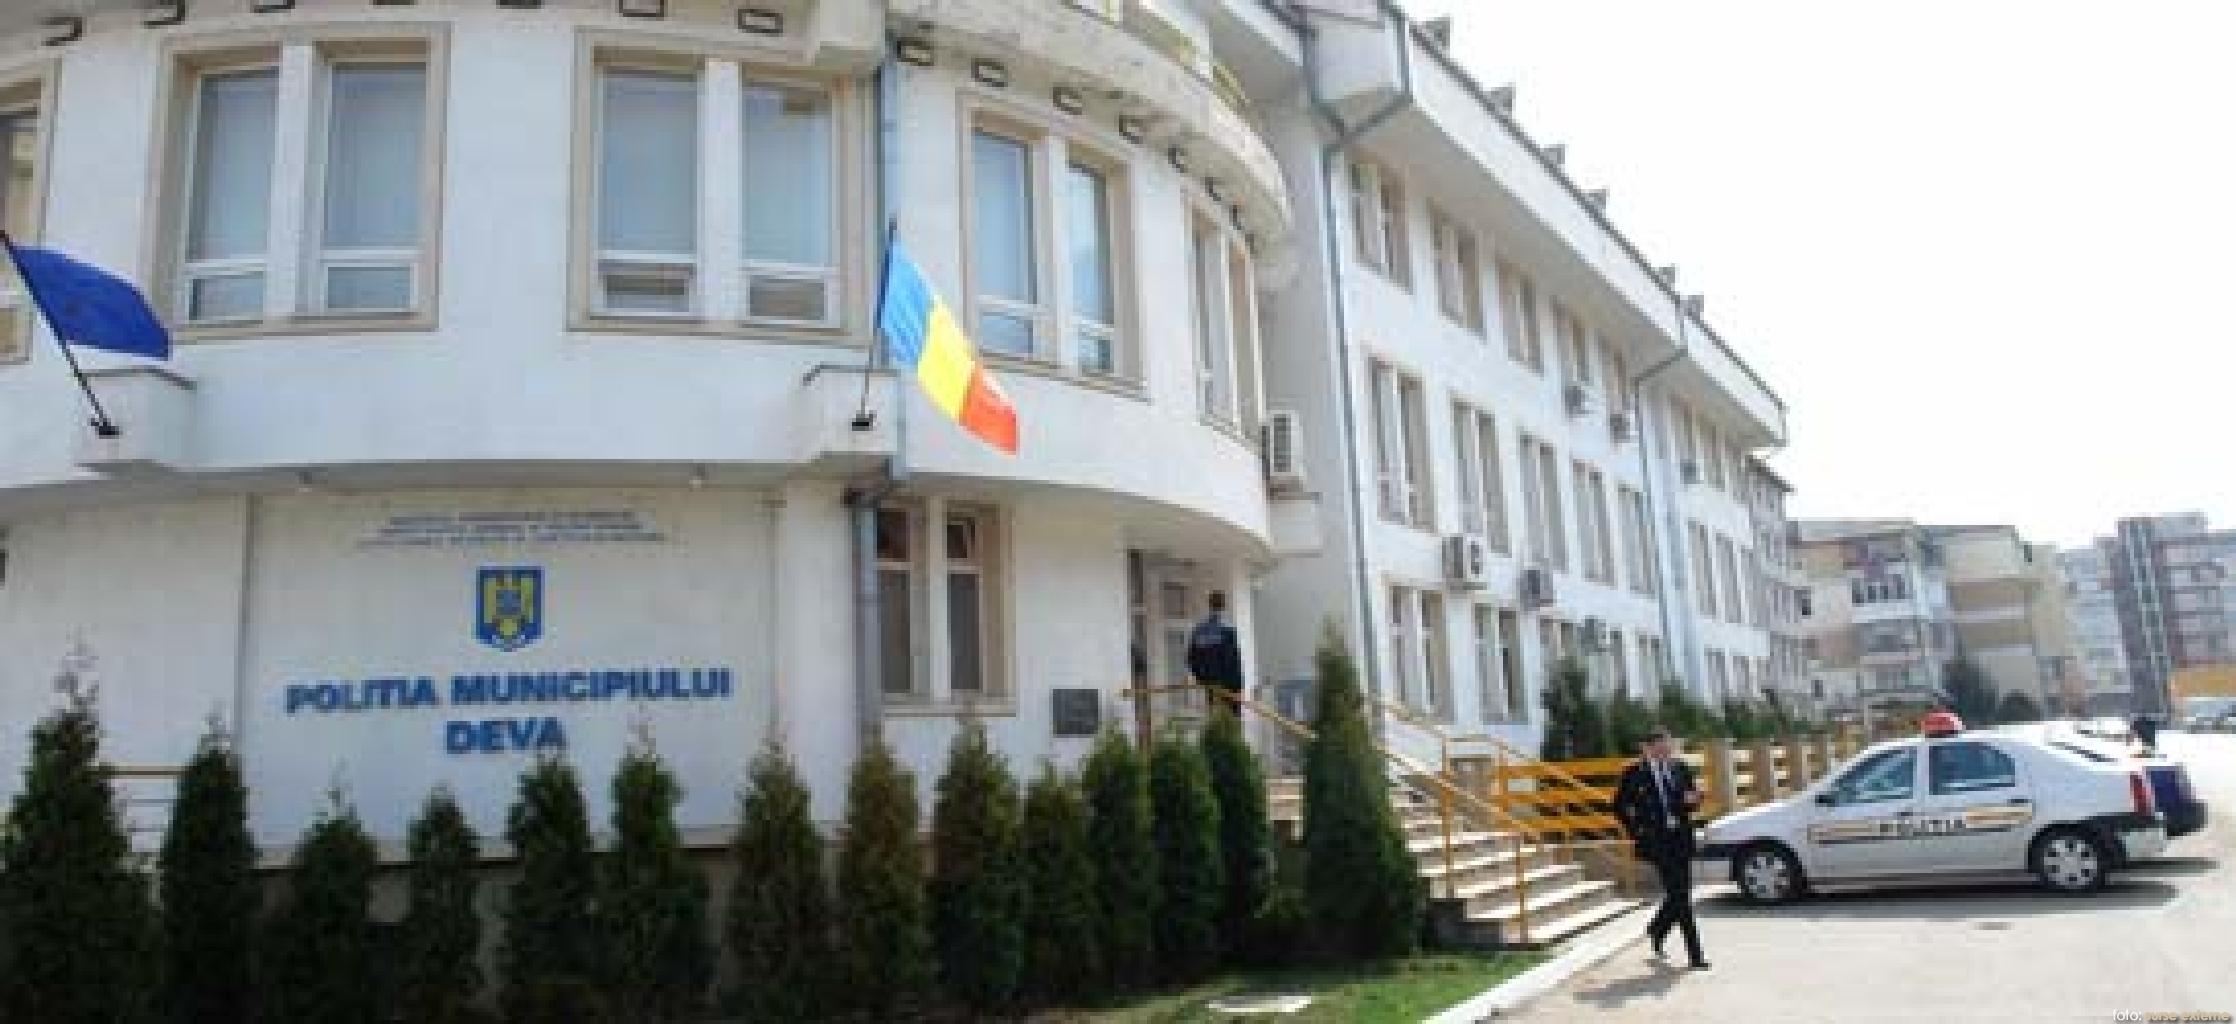 03-politia-deva139